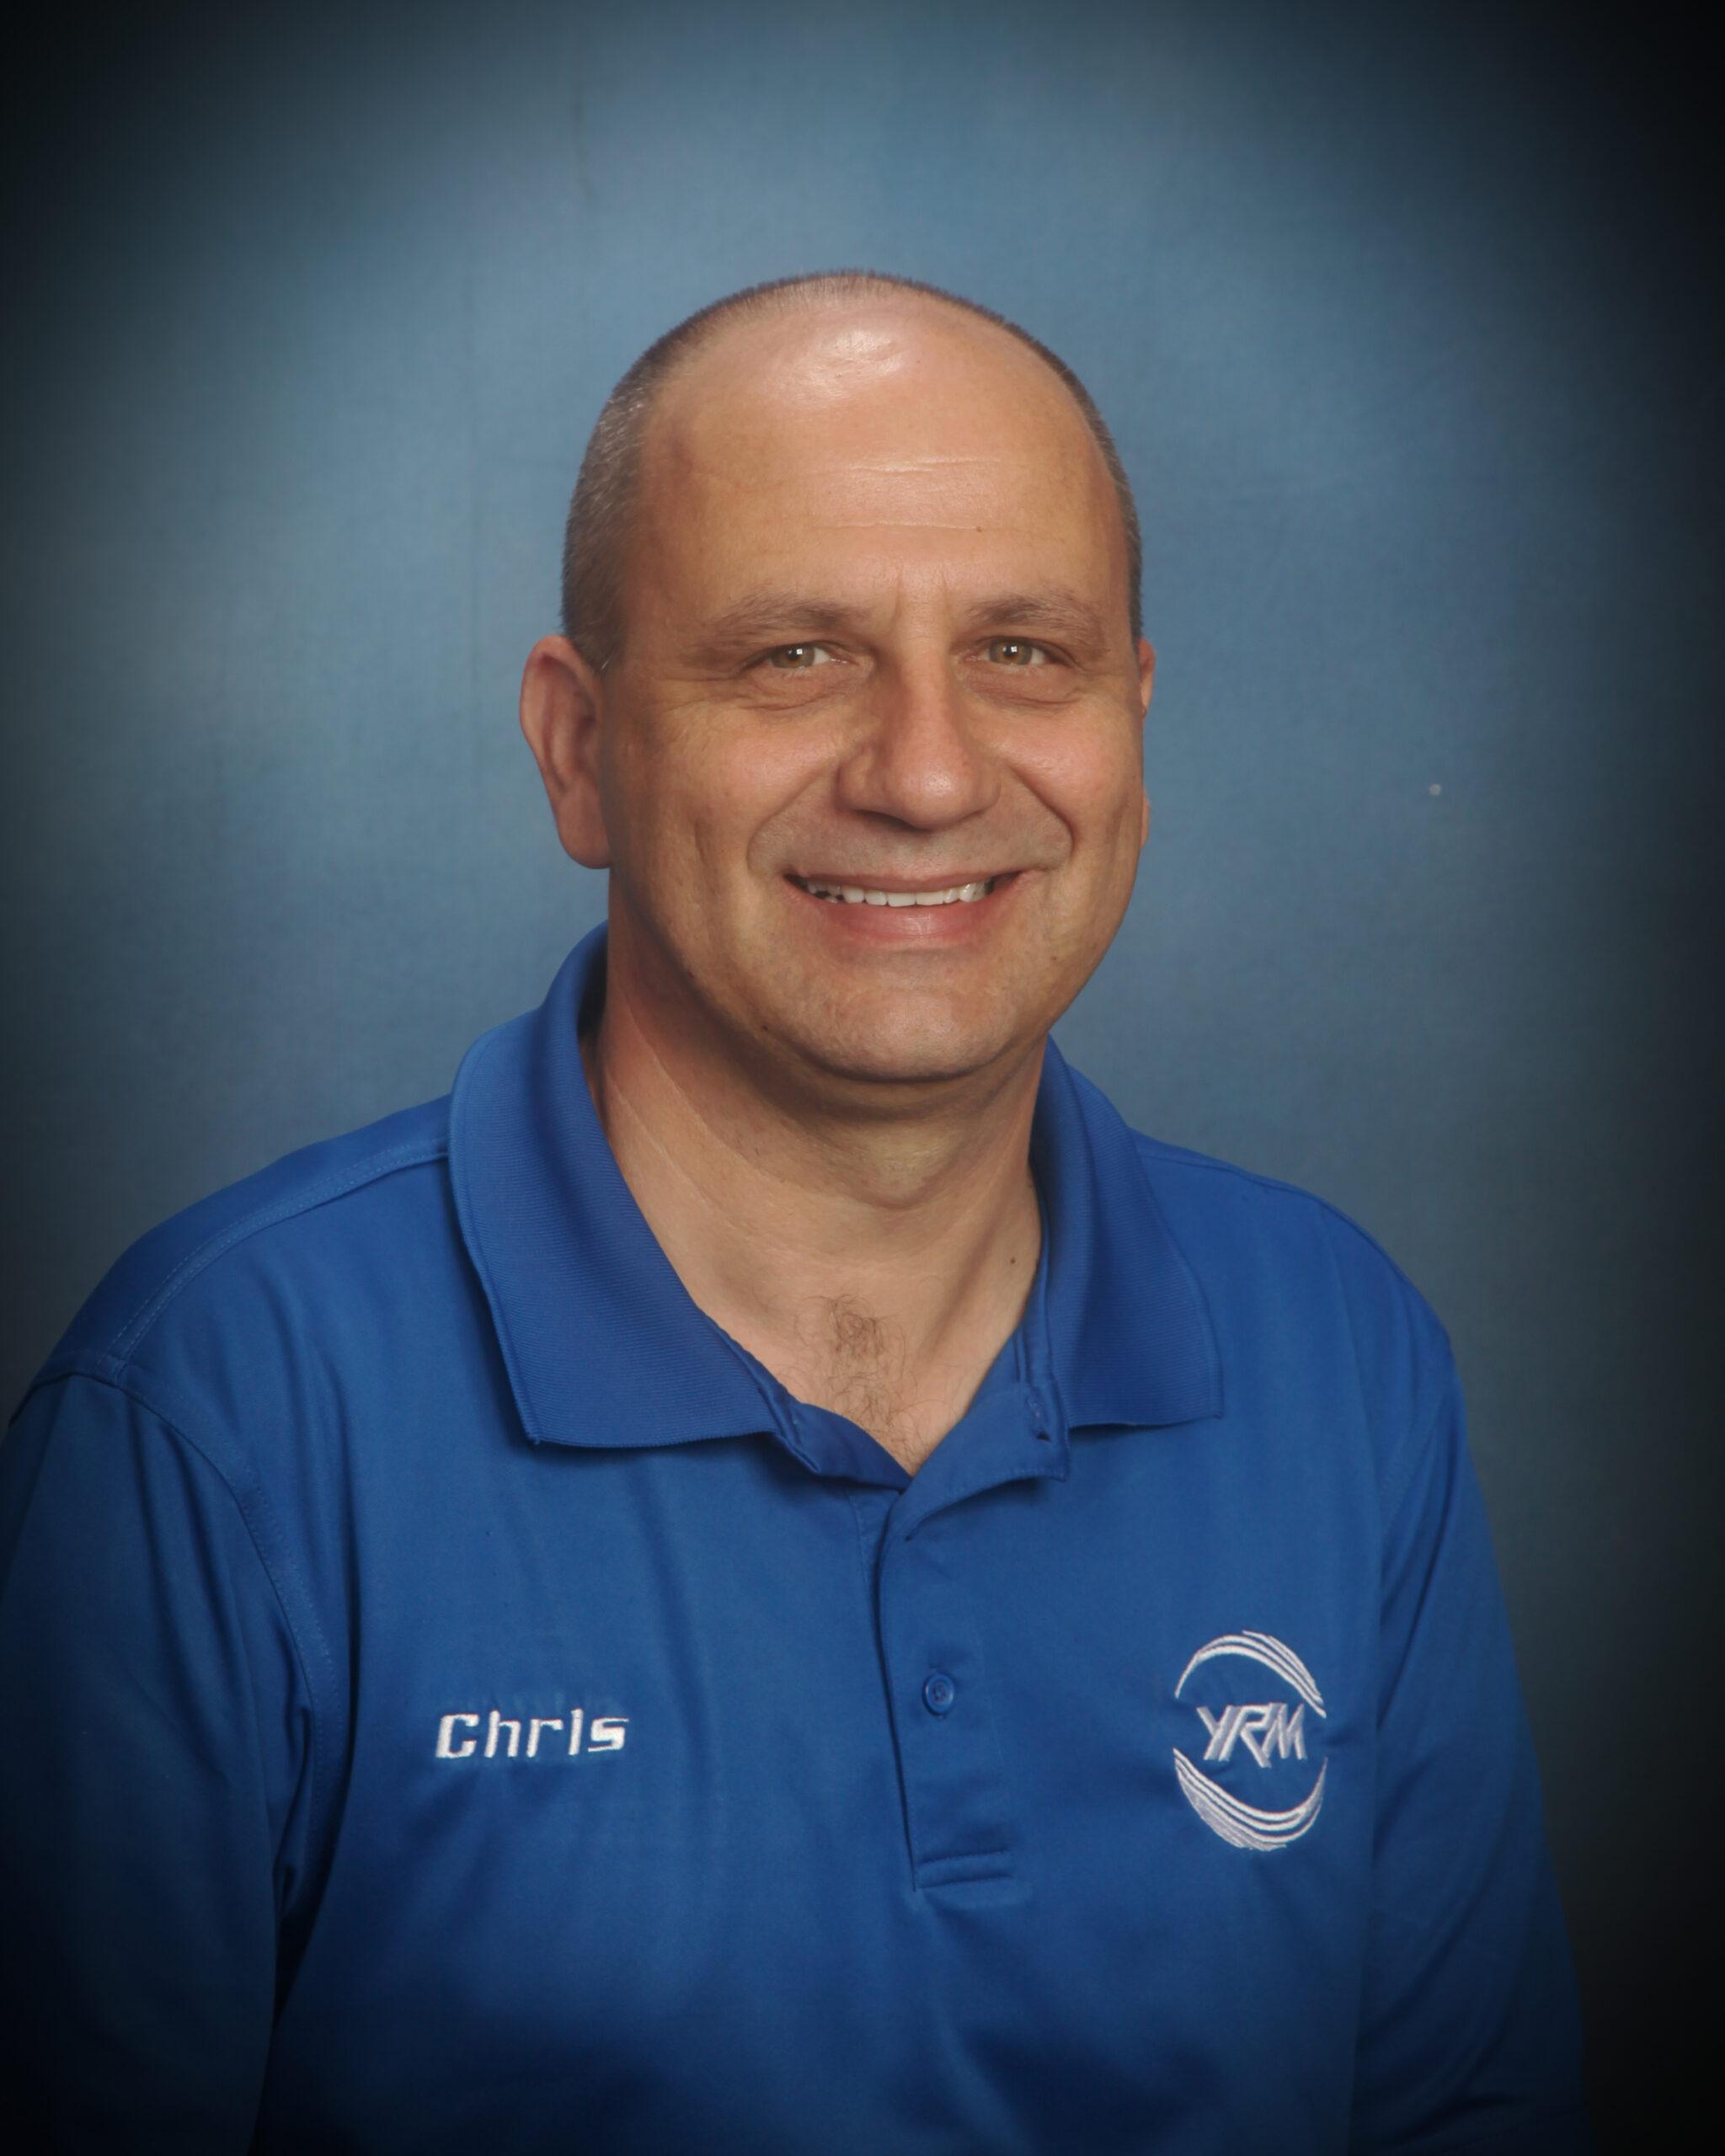 Chris Tomaszewski